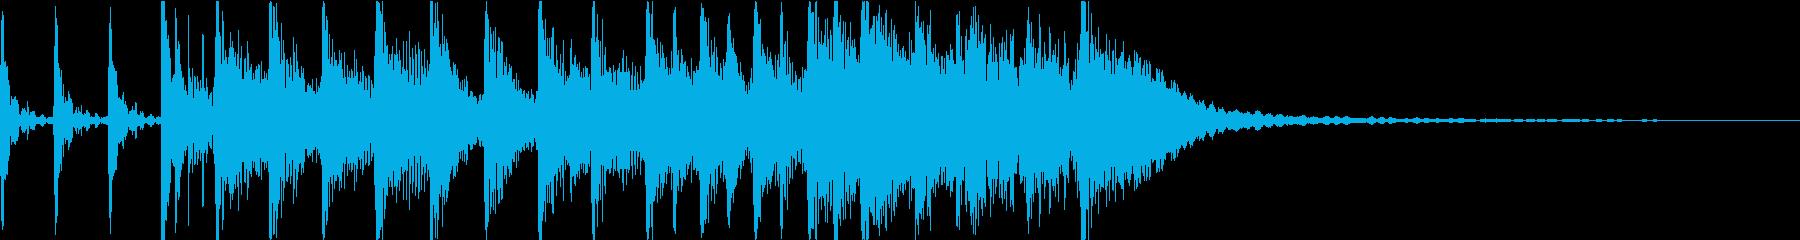 生演奏ギター ロックジングルの再生済みの波形